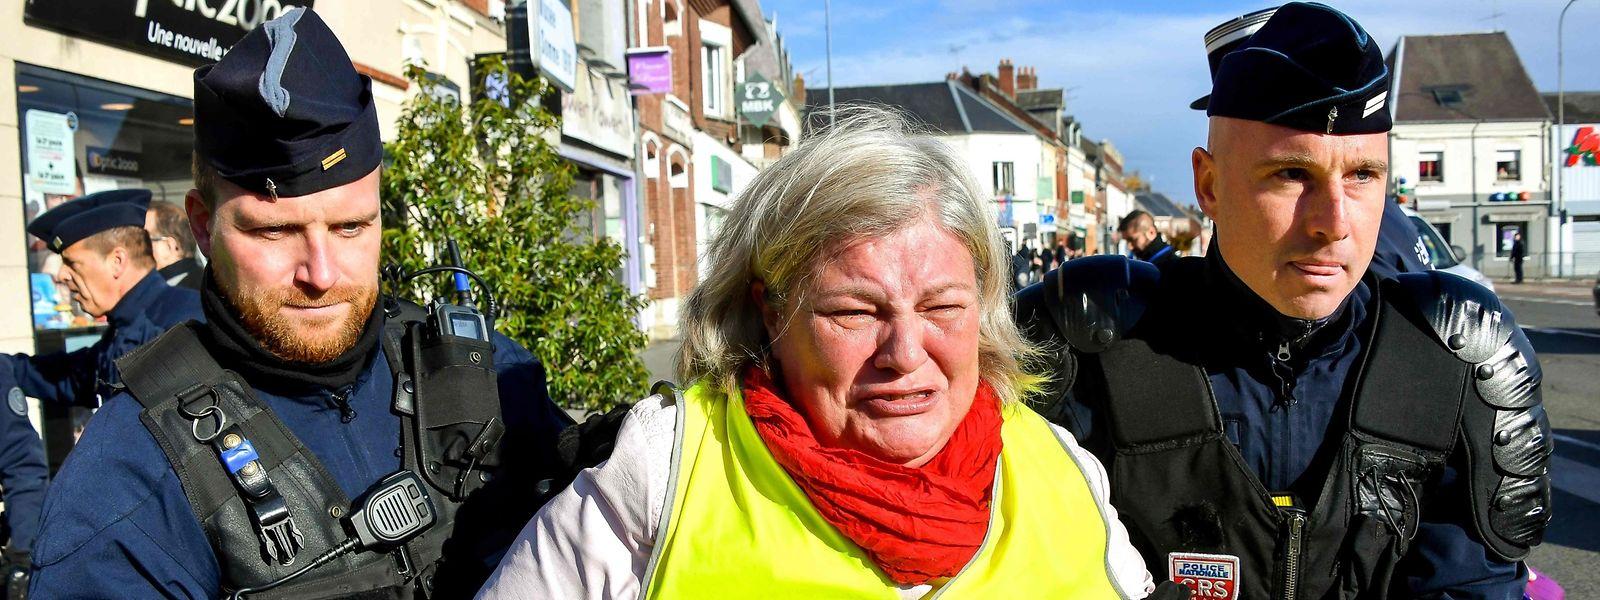 """Une manifestation de """"gilets jaunes"""" le 9 novembre dans le nord de la France."""